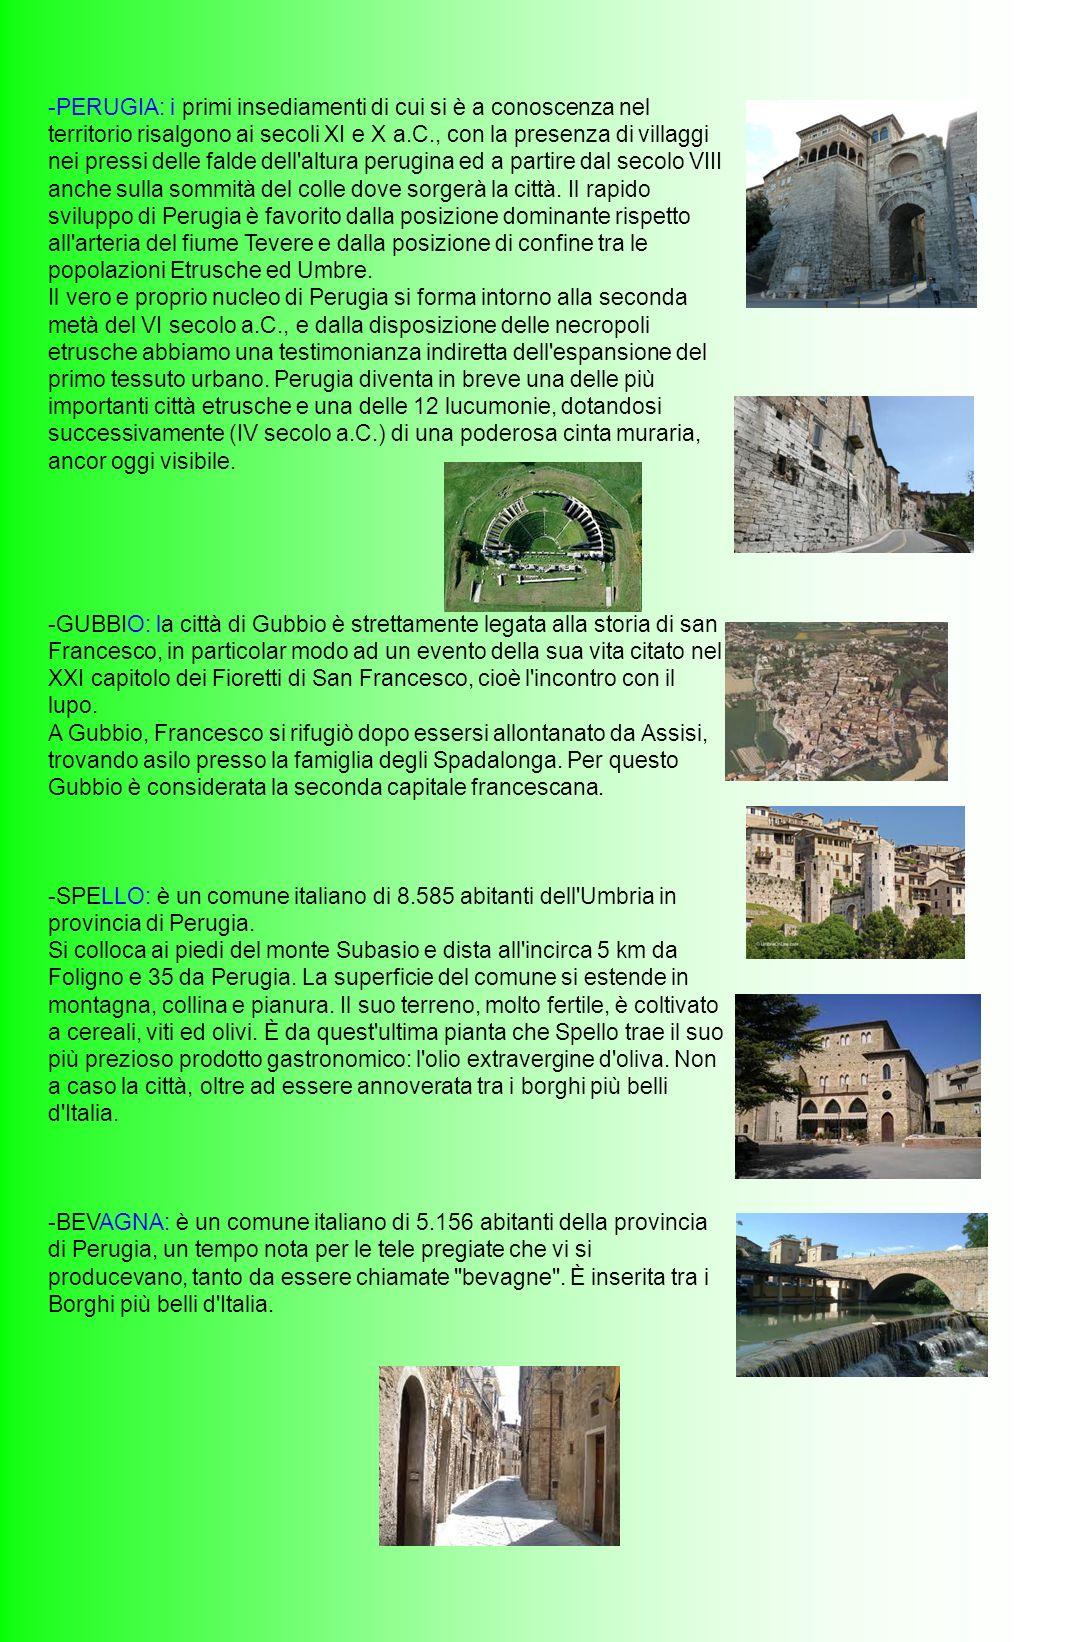 -PERUGIA: i primi insediamenti di cui si è a conoscenza nel territorio risalgono ai secoli XI e X a.C., con la presenza di villaggi nei pressi delle f